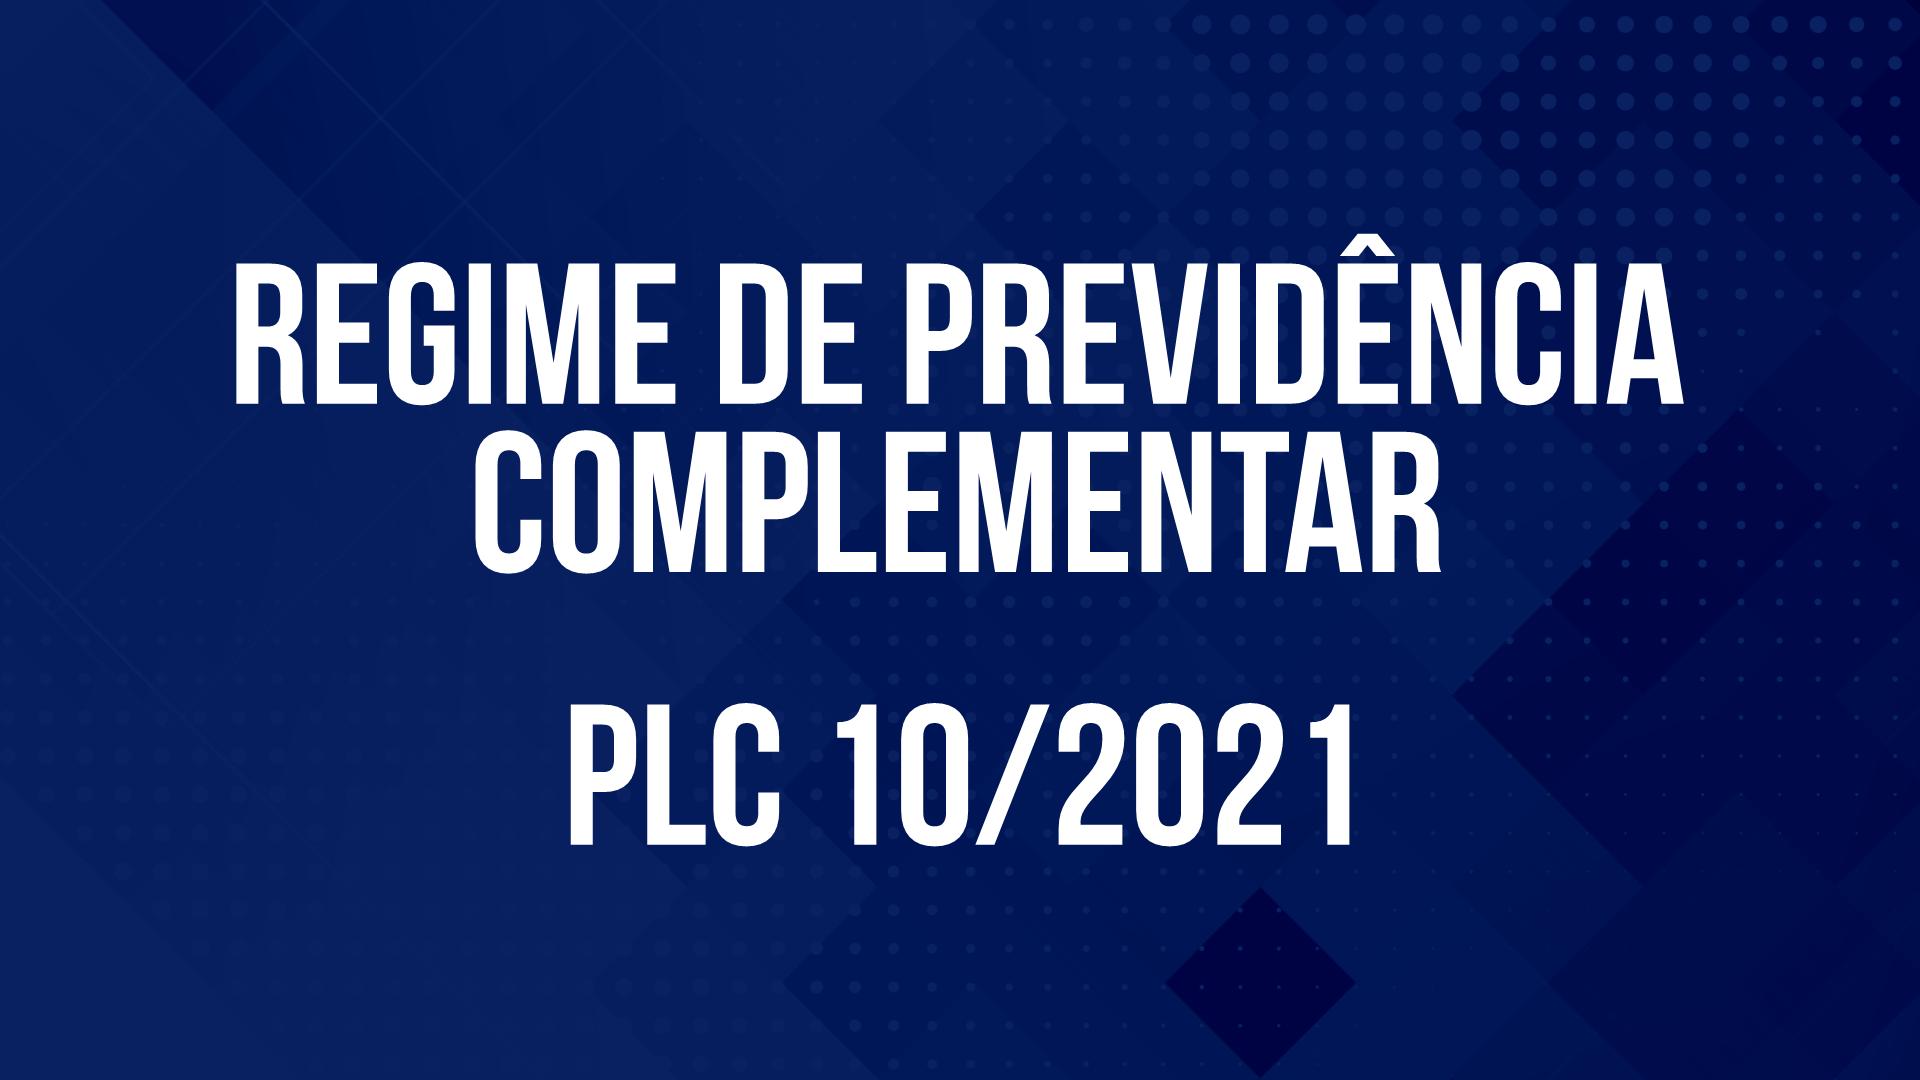 Saiba mais sobre o projeto de Regime de Previdência Complementar que vai a votação nesta terça-feira em Itajaí